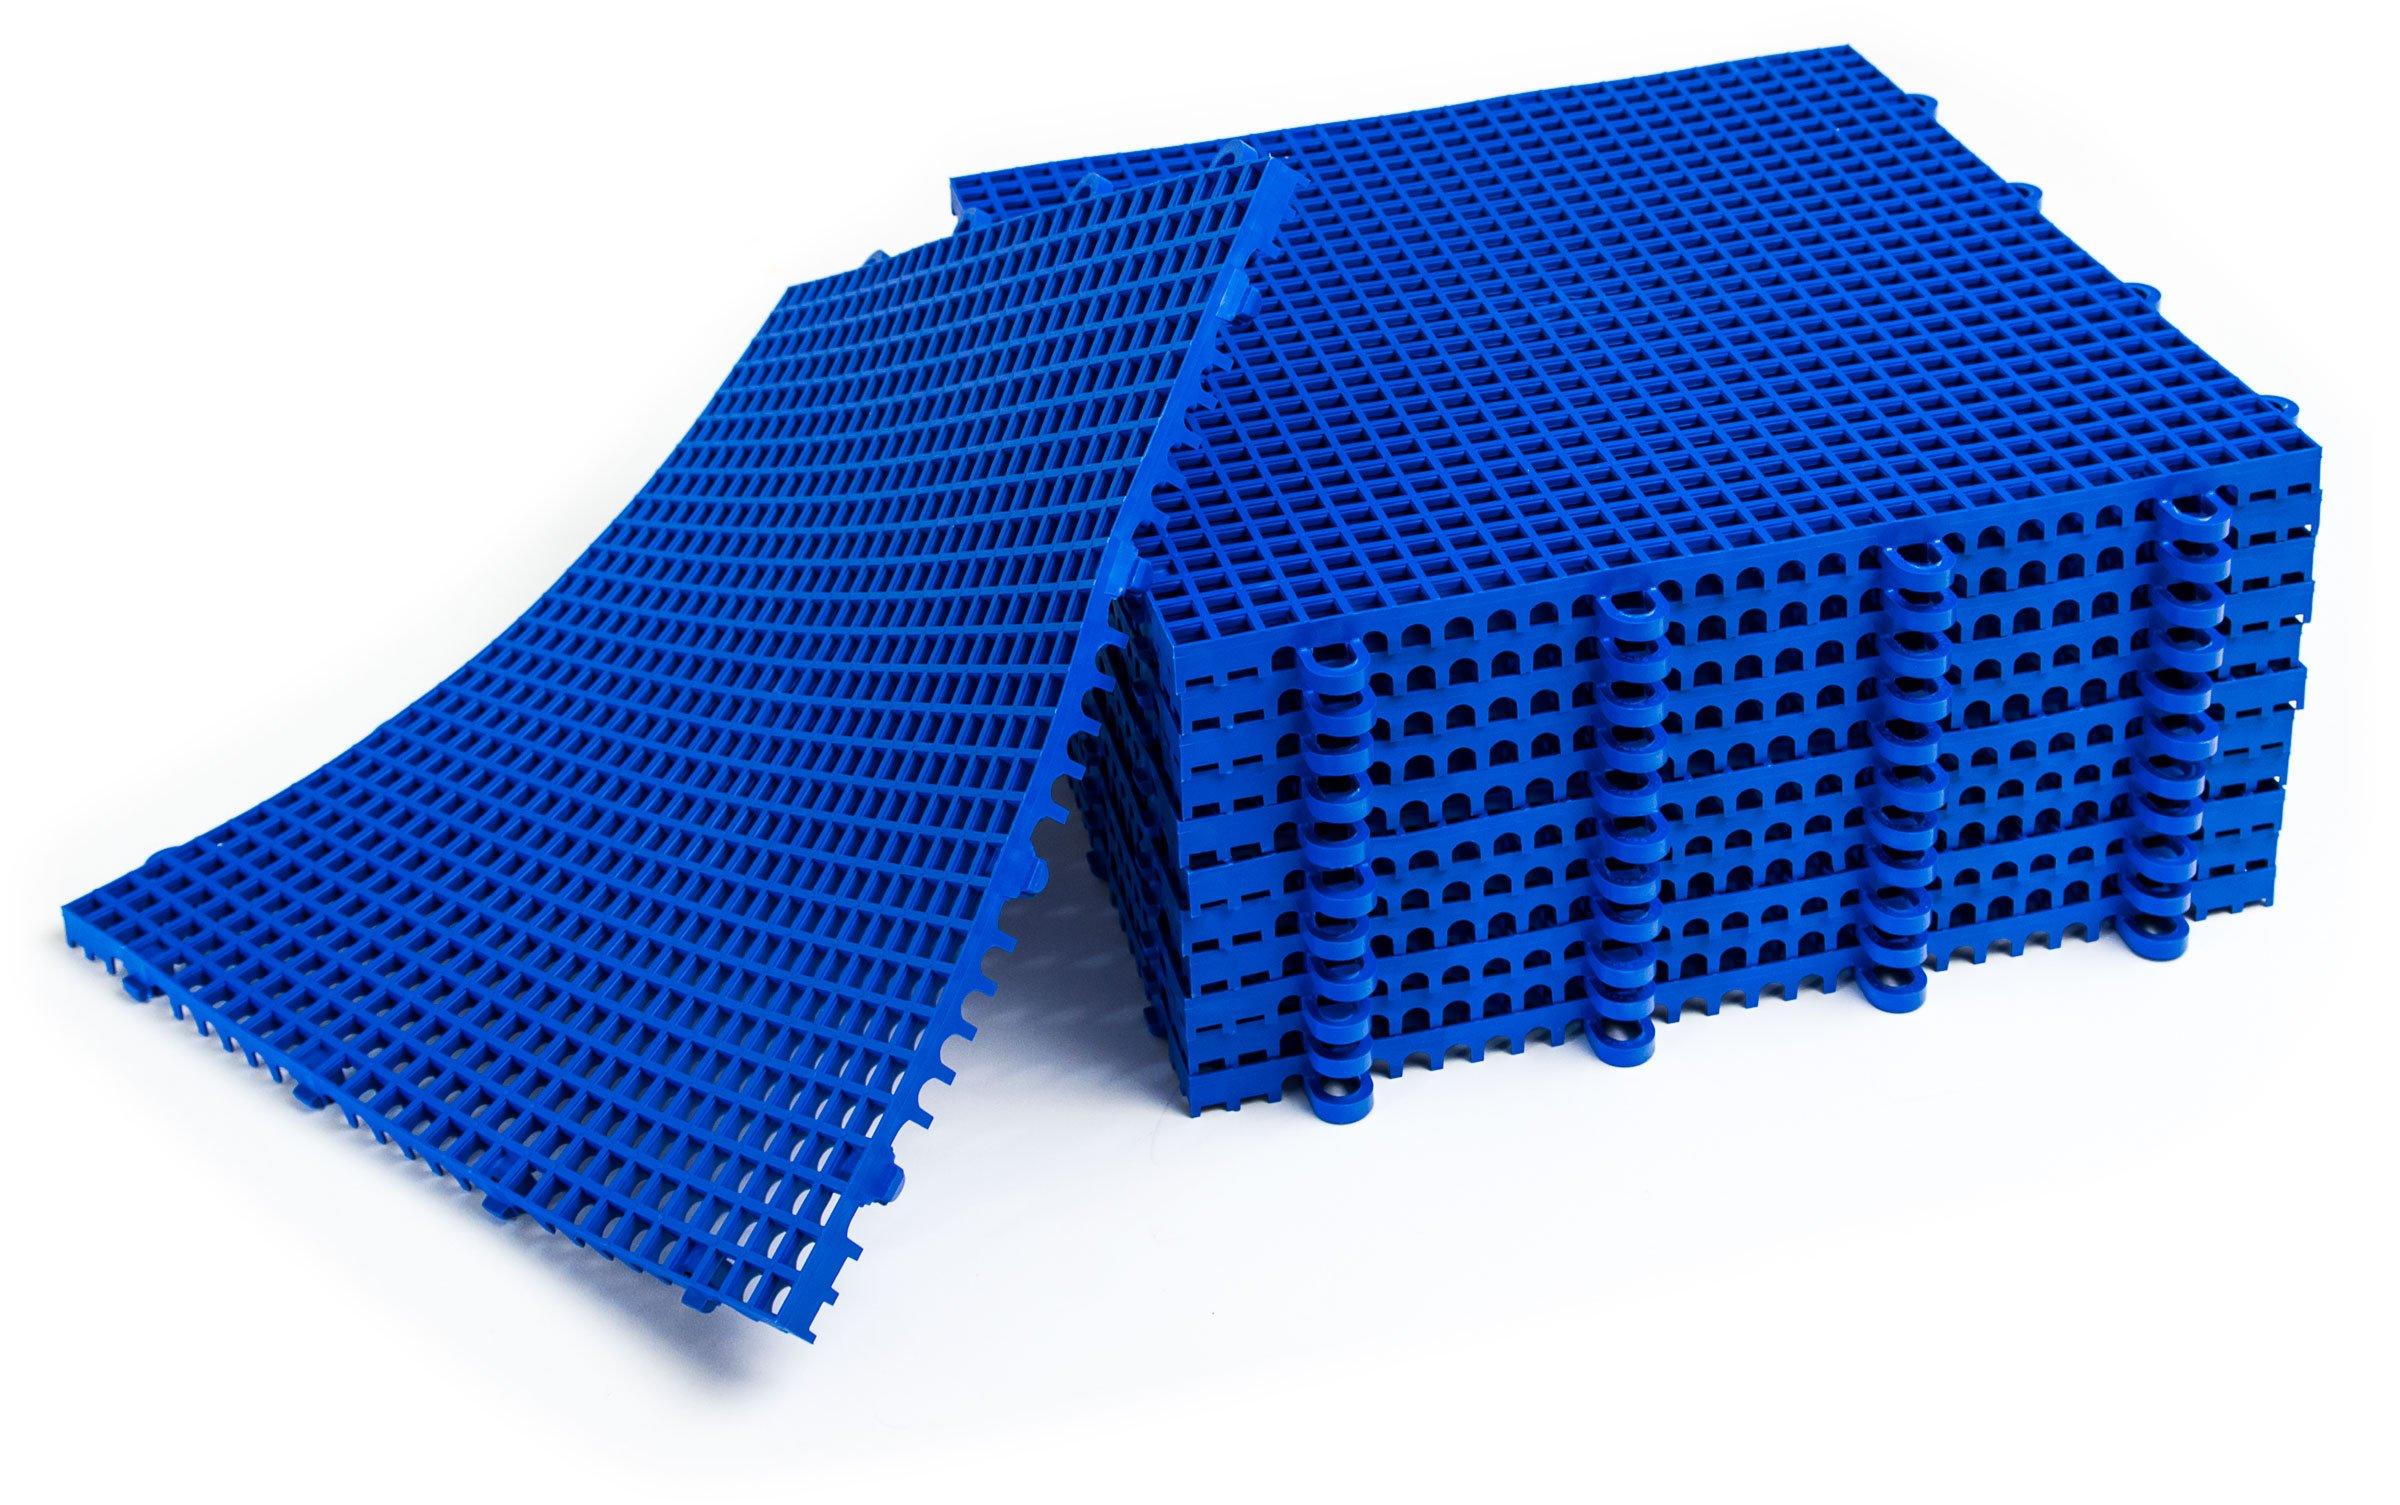 DuraGrid STBRIK Comfort Interlocking Modular Multi-Use Safety Floor Matting, Single Tile, Brick Red by DuraGrid® (Image #4)